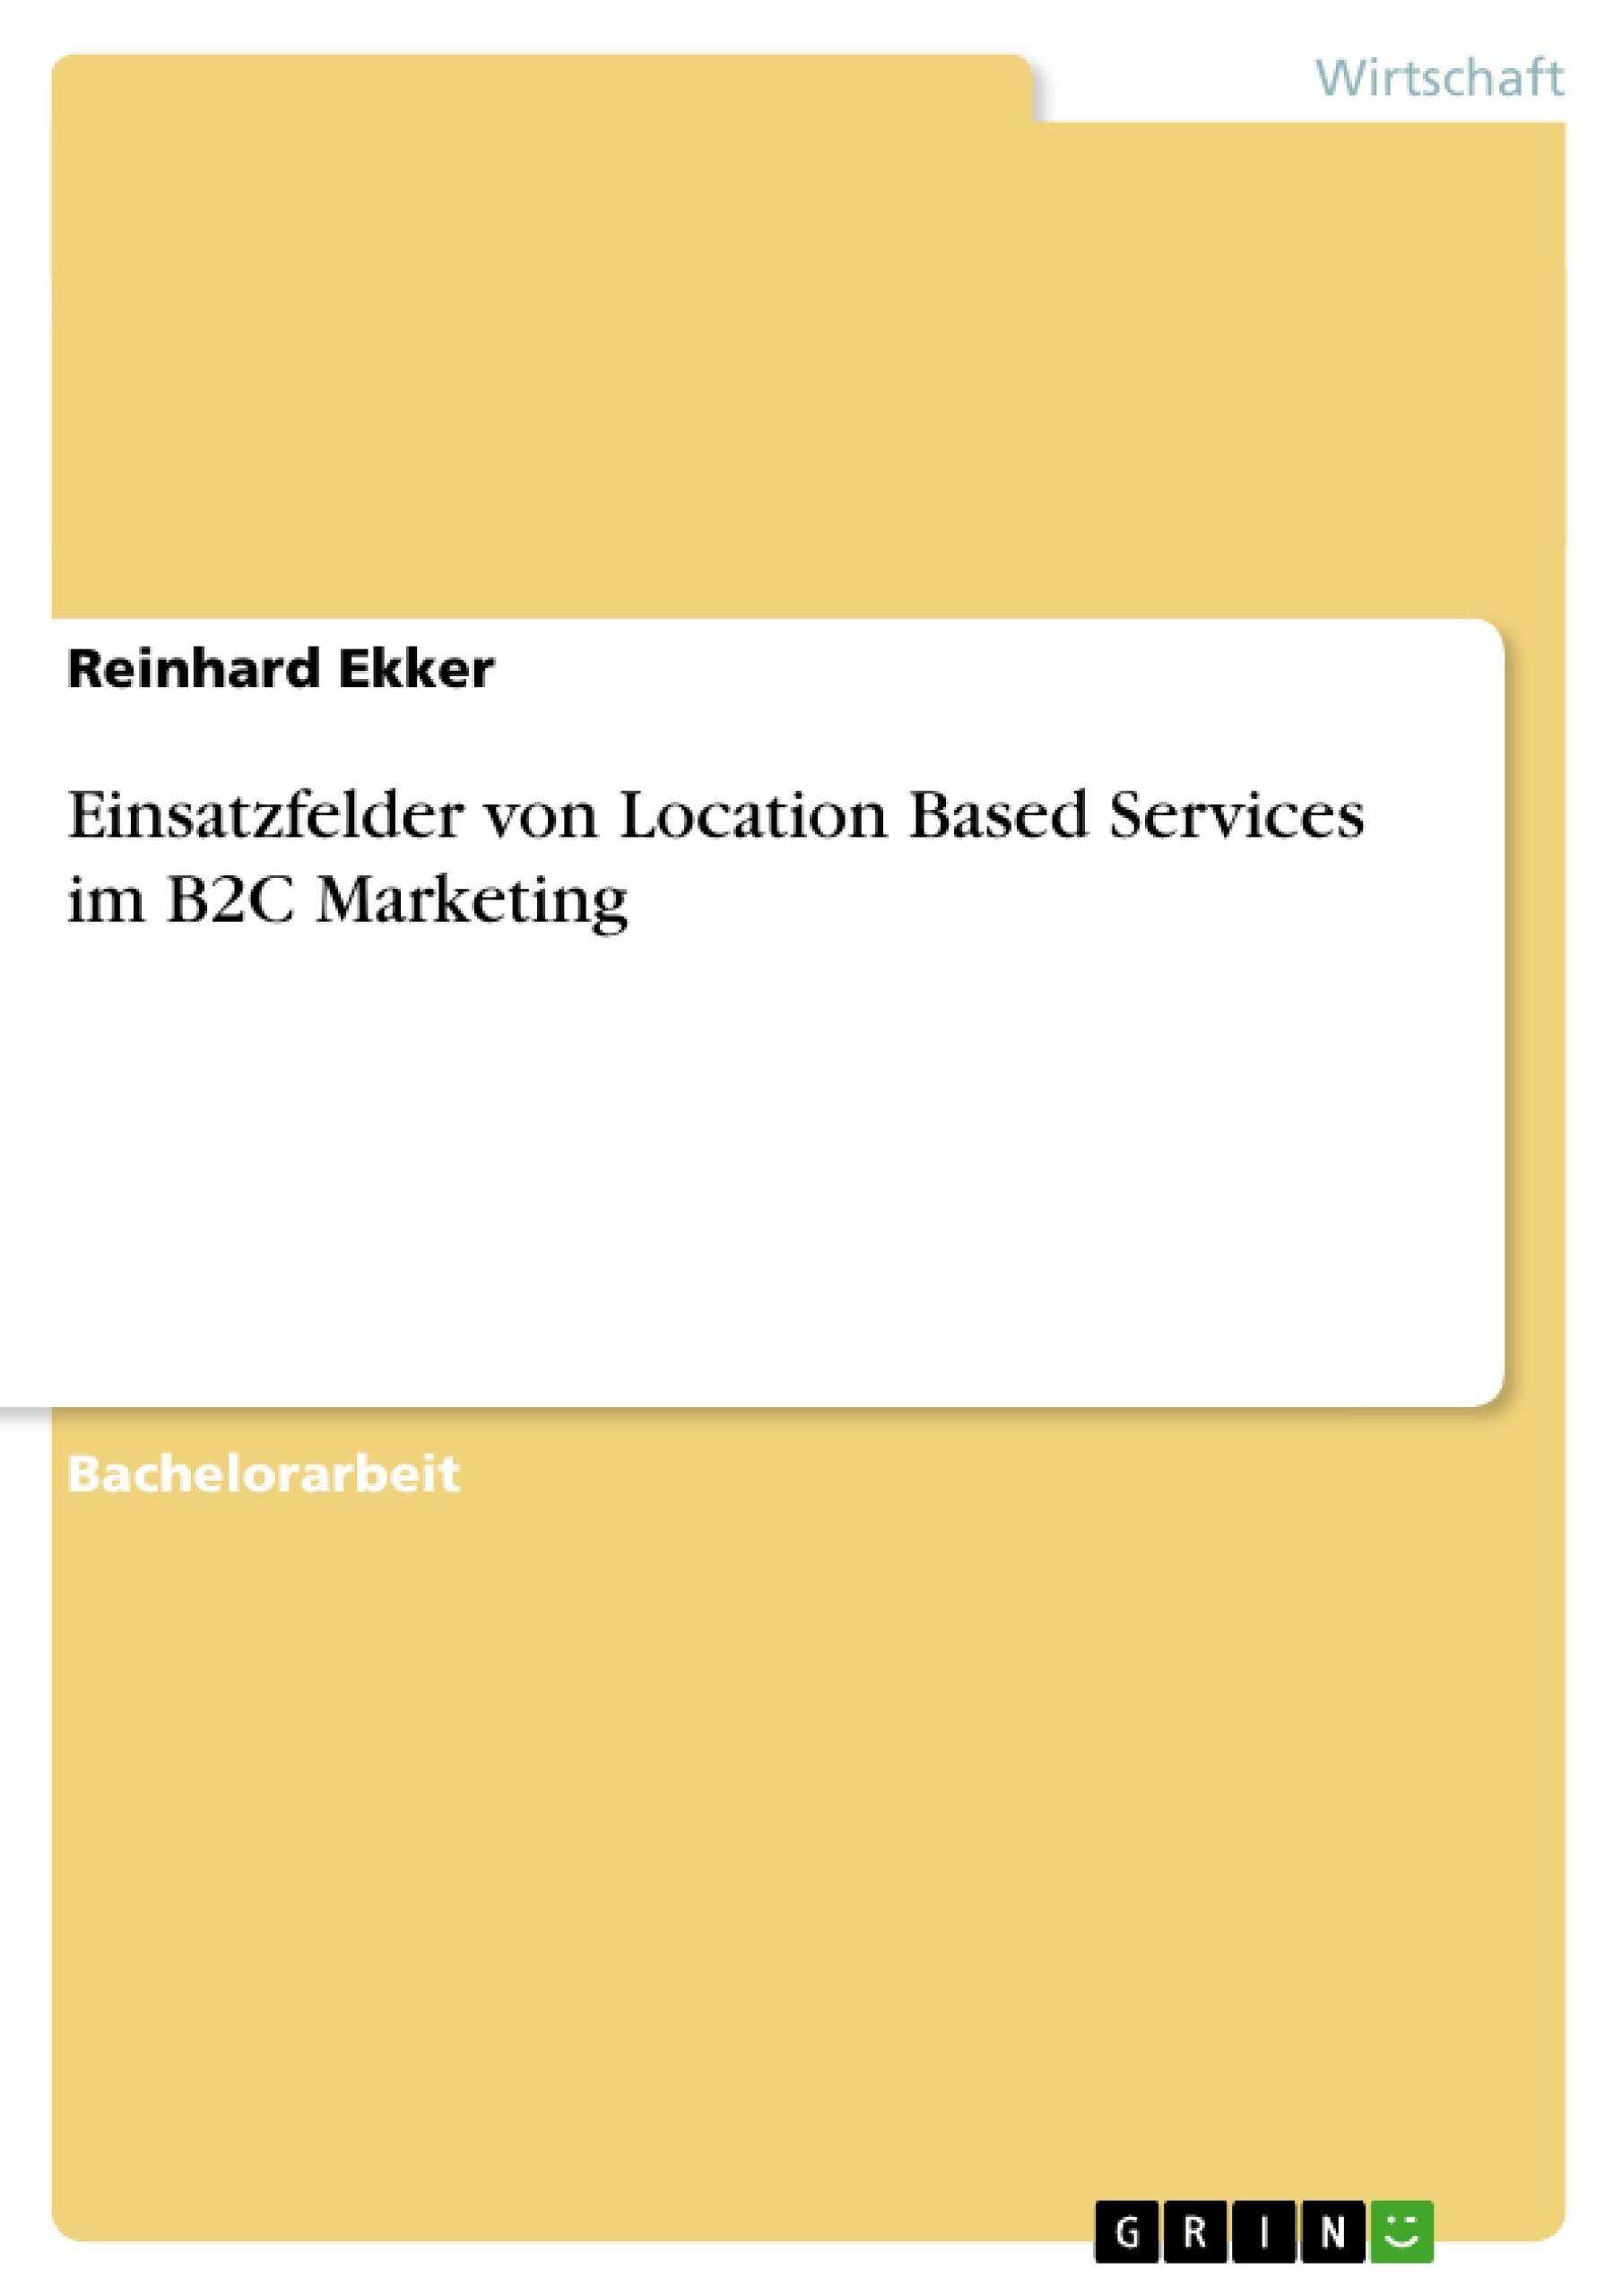 Titel: Einsatzfelder von Location Based Services im B2C Marketing